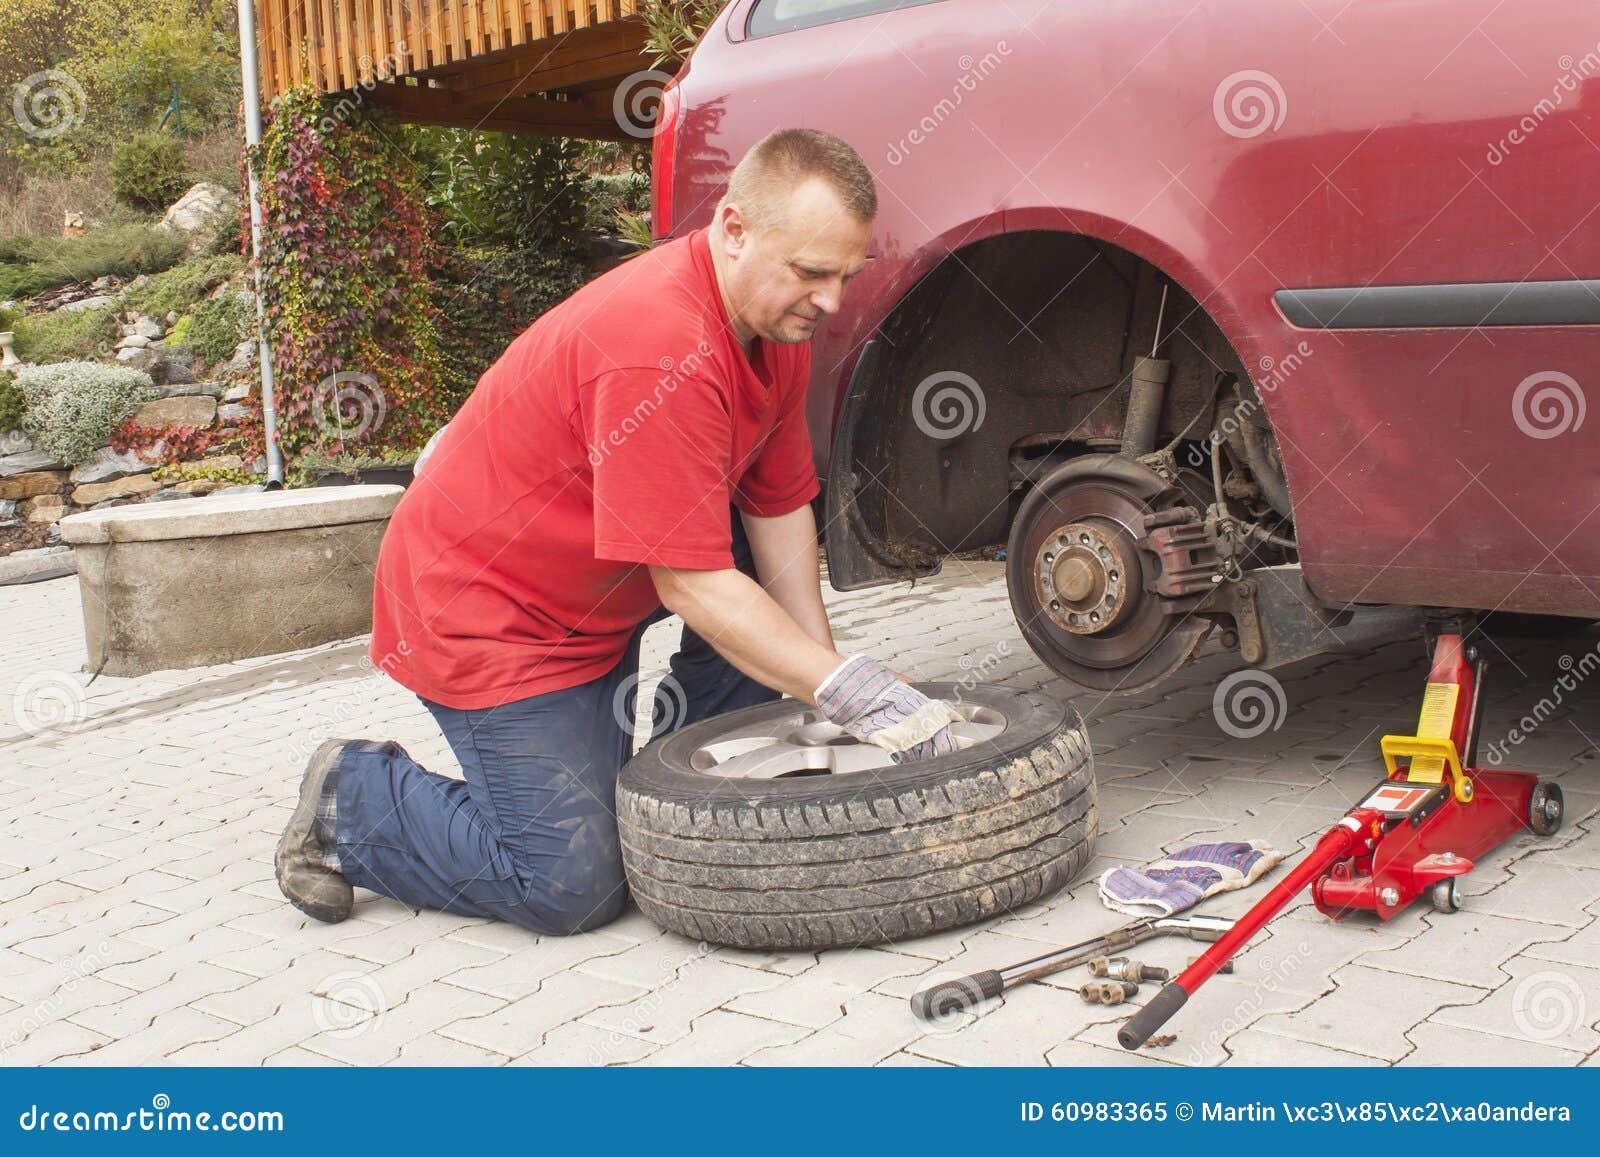 changer pneu voiture comment changer une roue de voiture le blog de mister auto changer une. Black Bedroom Furniture Sets. Home Design Ideas